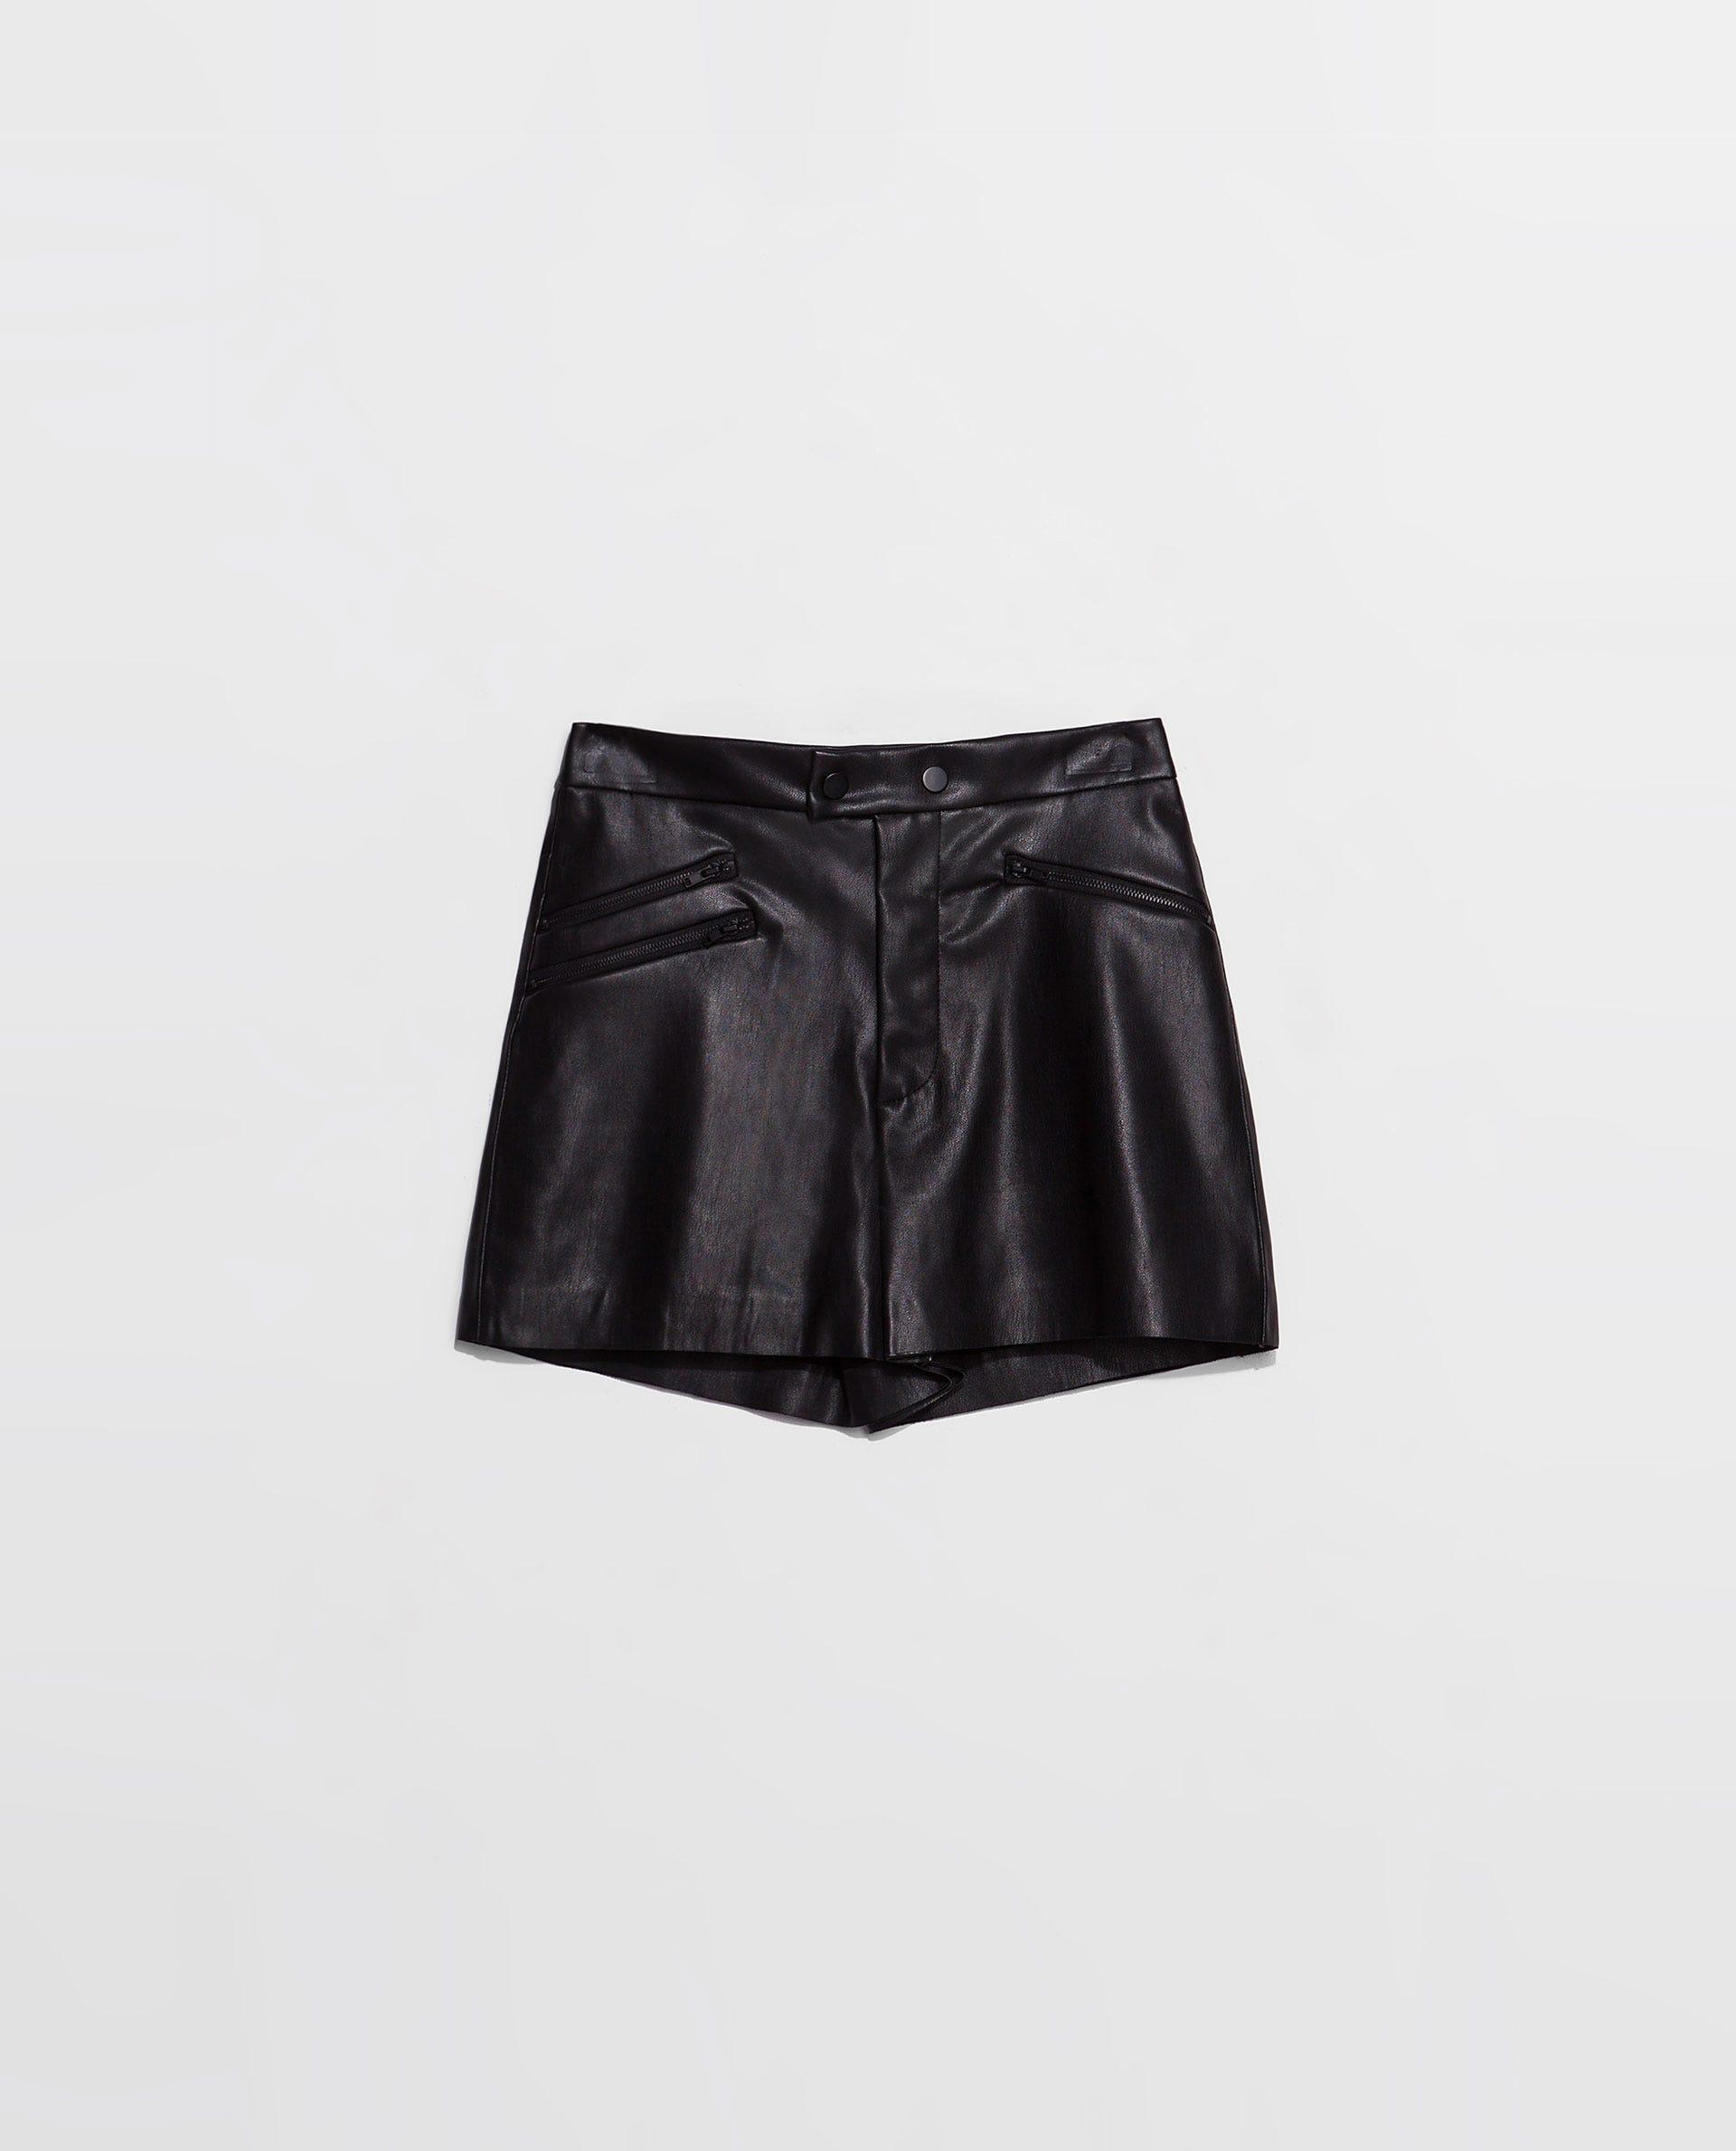 6 Killer Ways To Make Shorts Look SO Chic